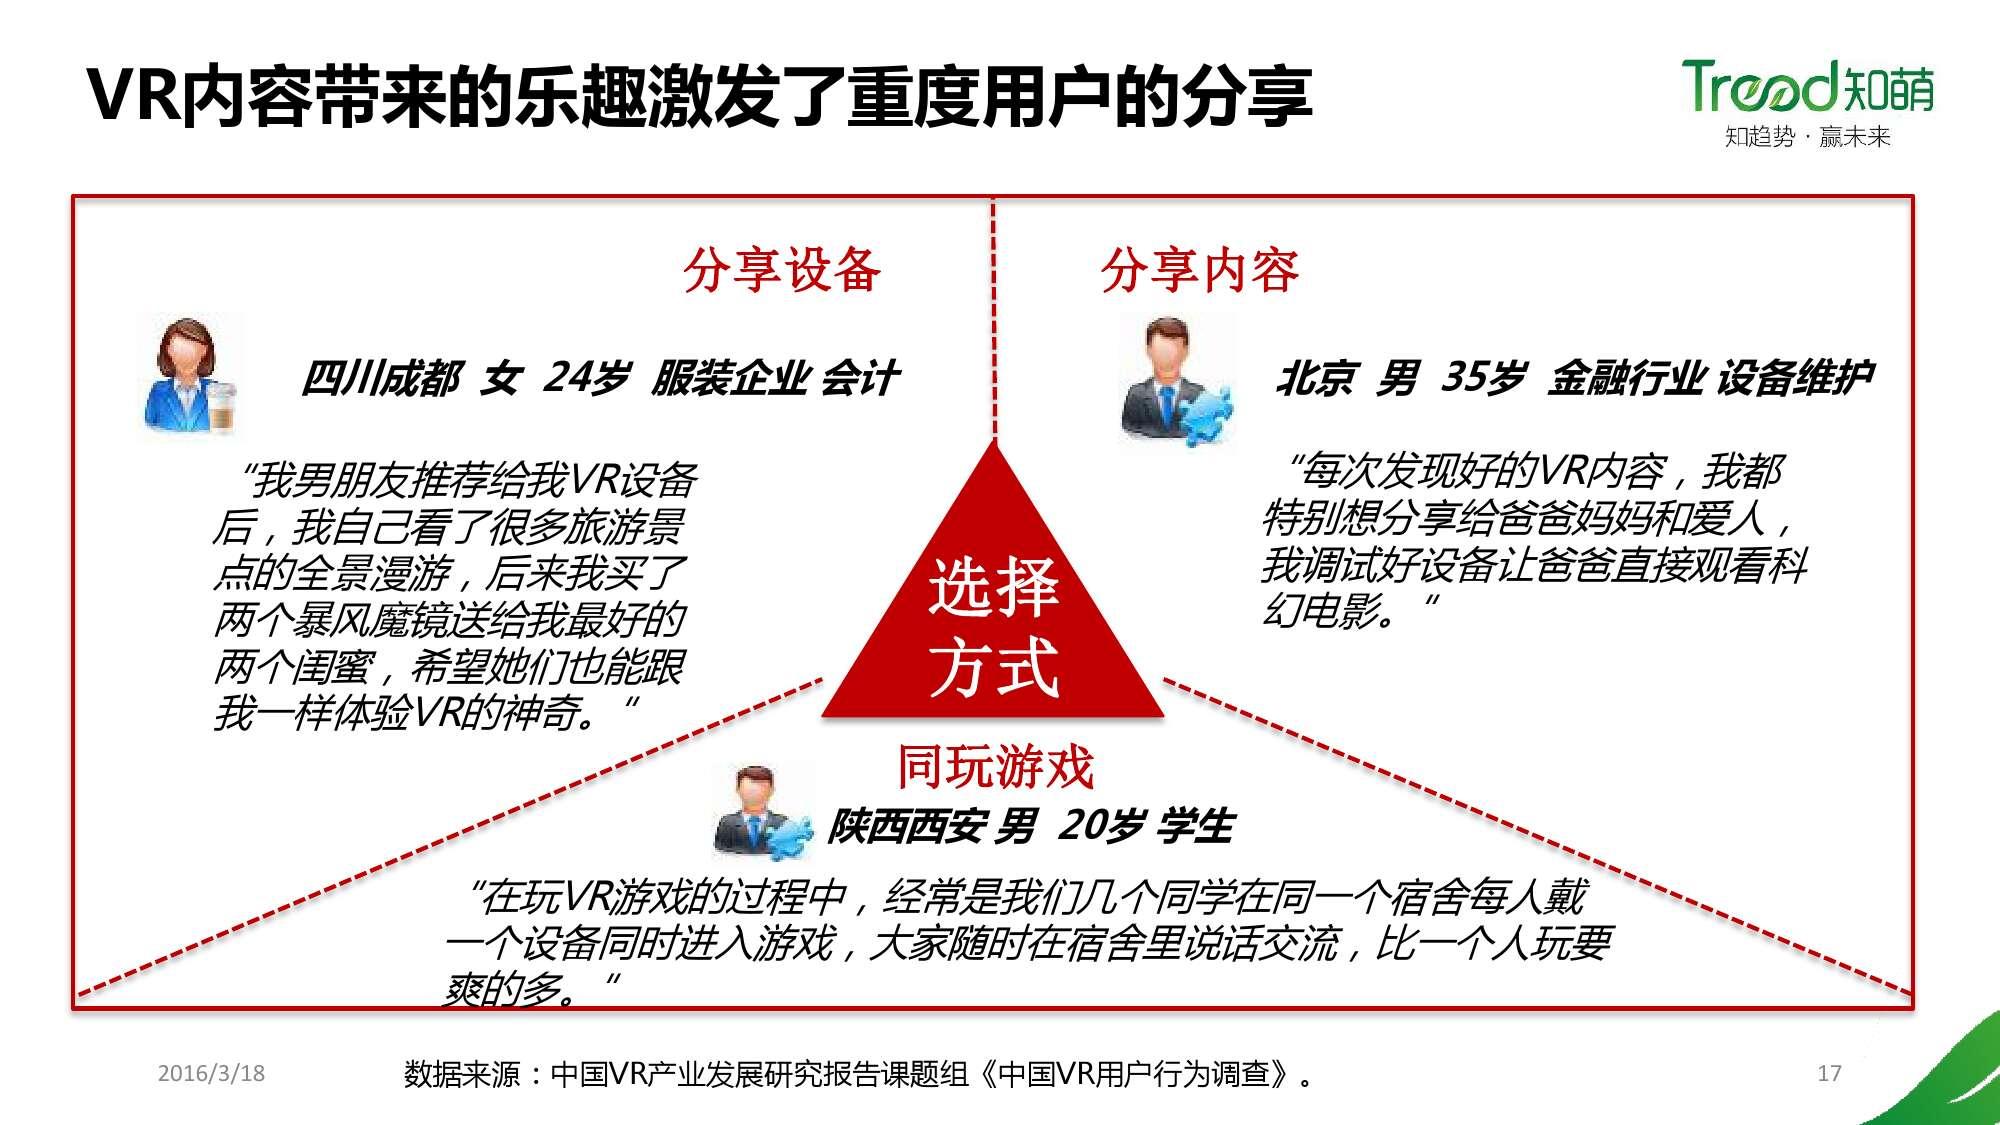 中国VR用户行为研究报告_000017